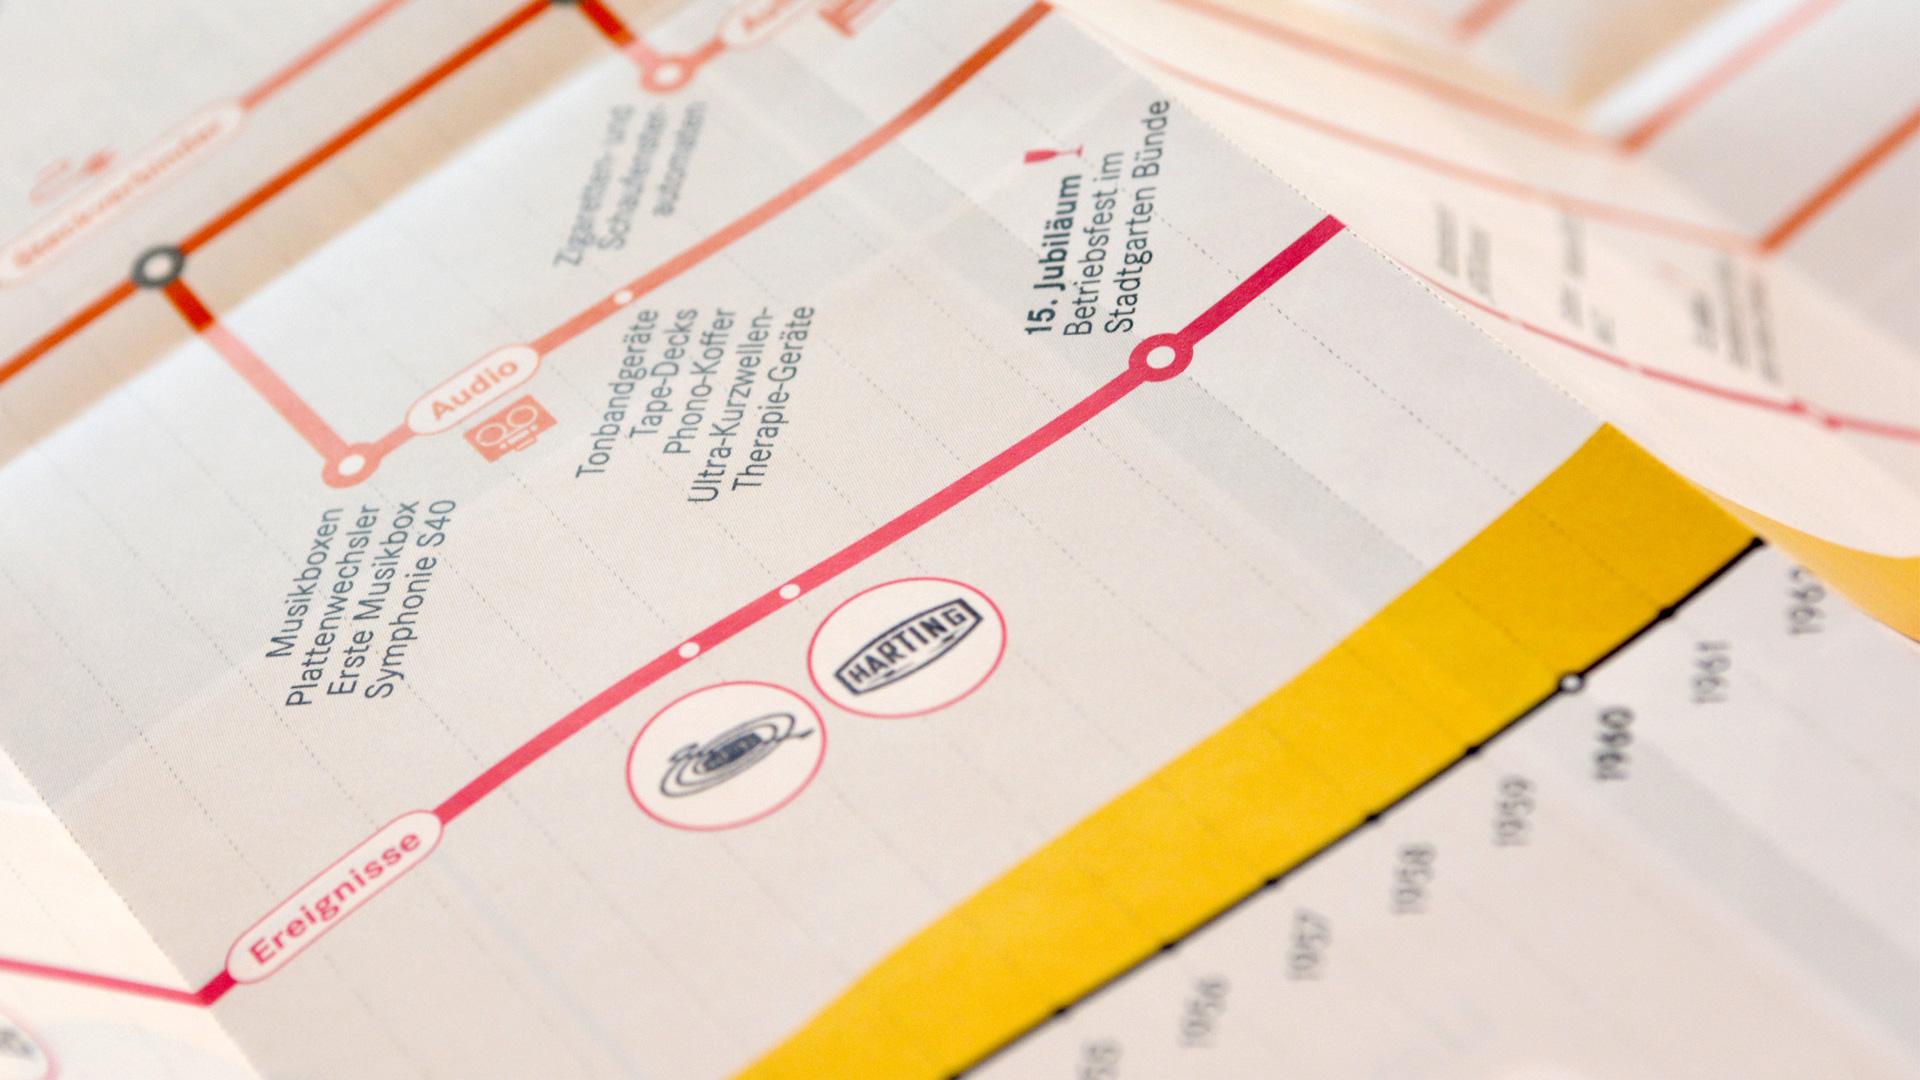 Ausschnitt HARTING-Fahrplan ©gobasil GmbH ~ Agentur für Kommunikation, Hamburg Hannover